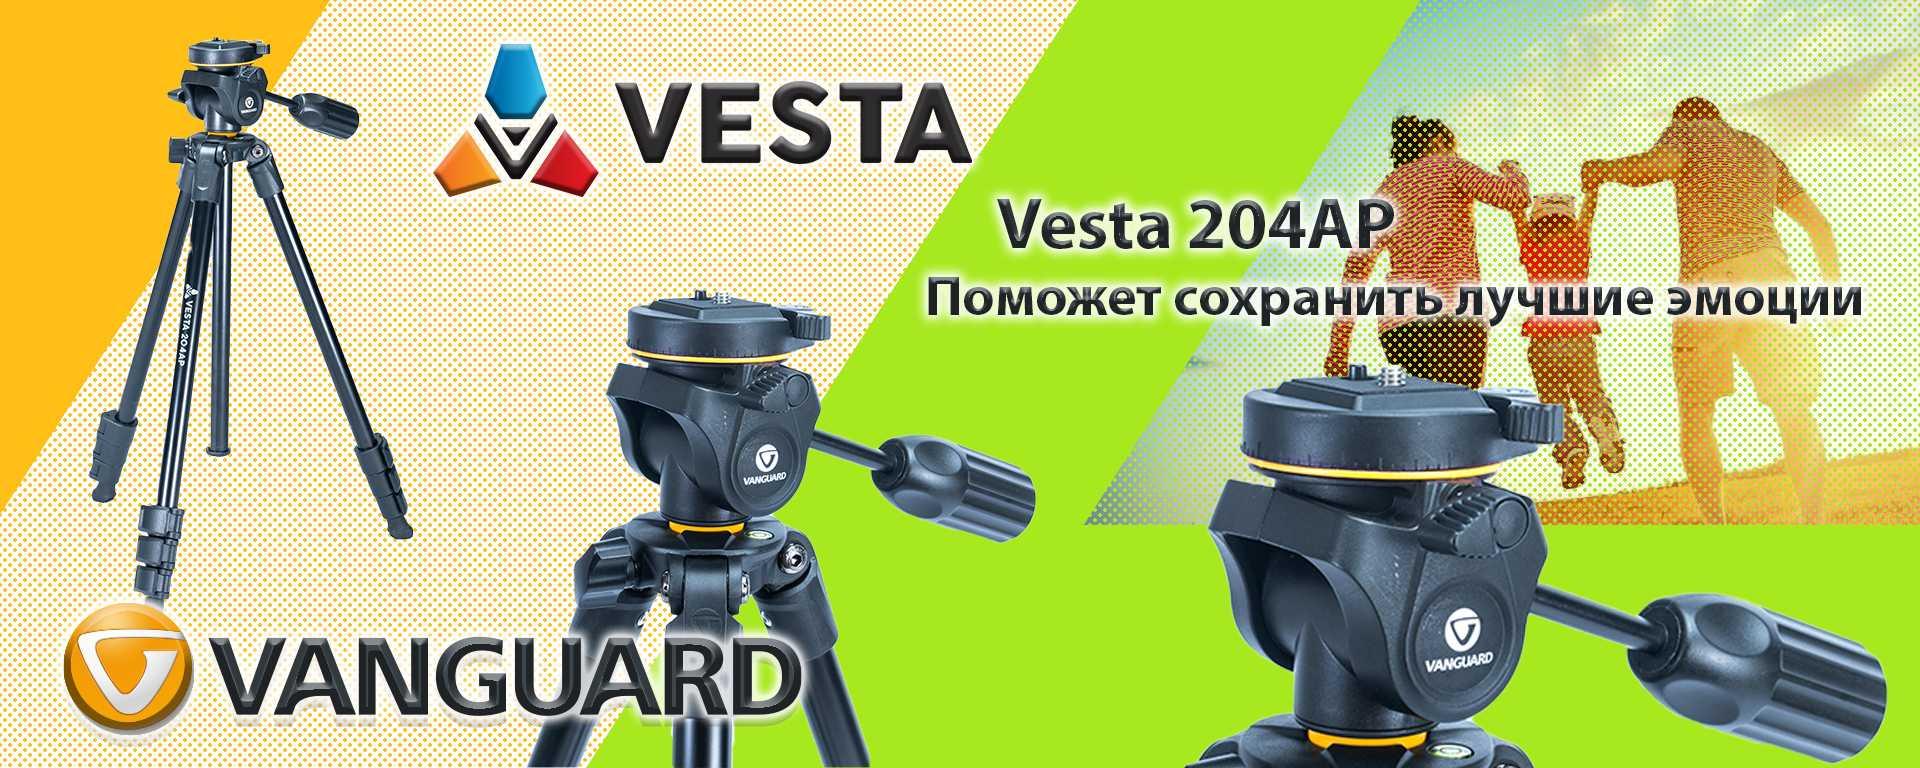 Vesta 204AP